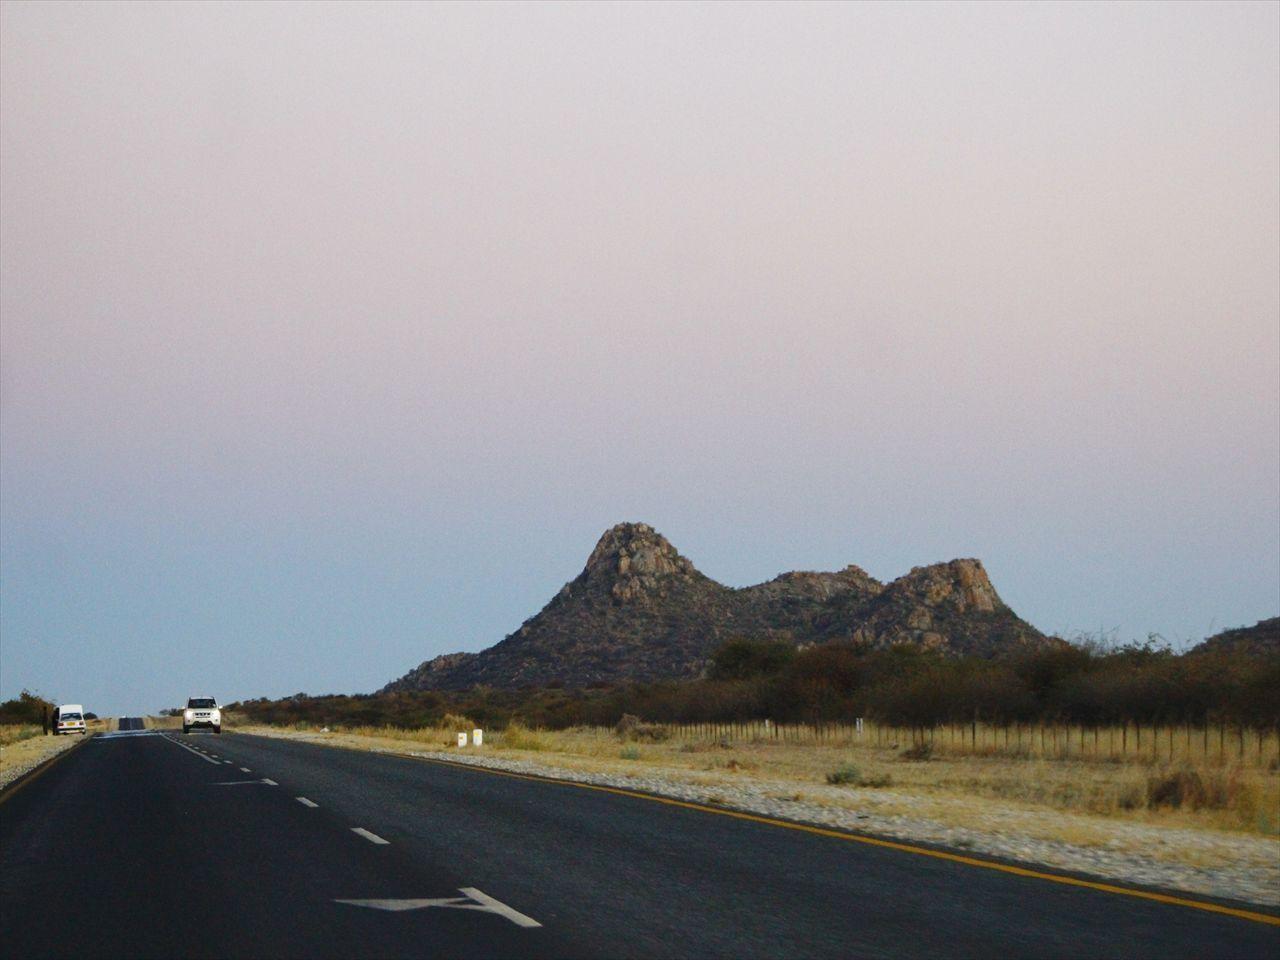 南アフリカ・ナミビア旅行 ~③ナミブ砂漠 世界最古の砂漠での夜明け ナミビア後編~